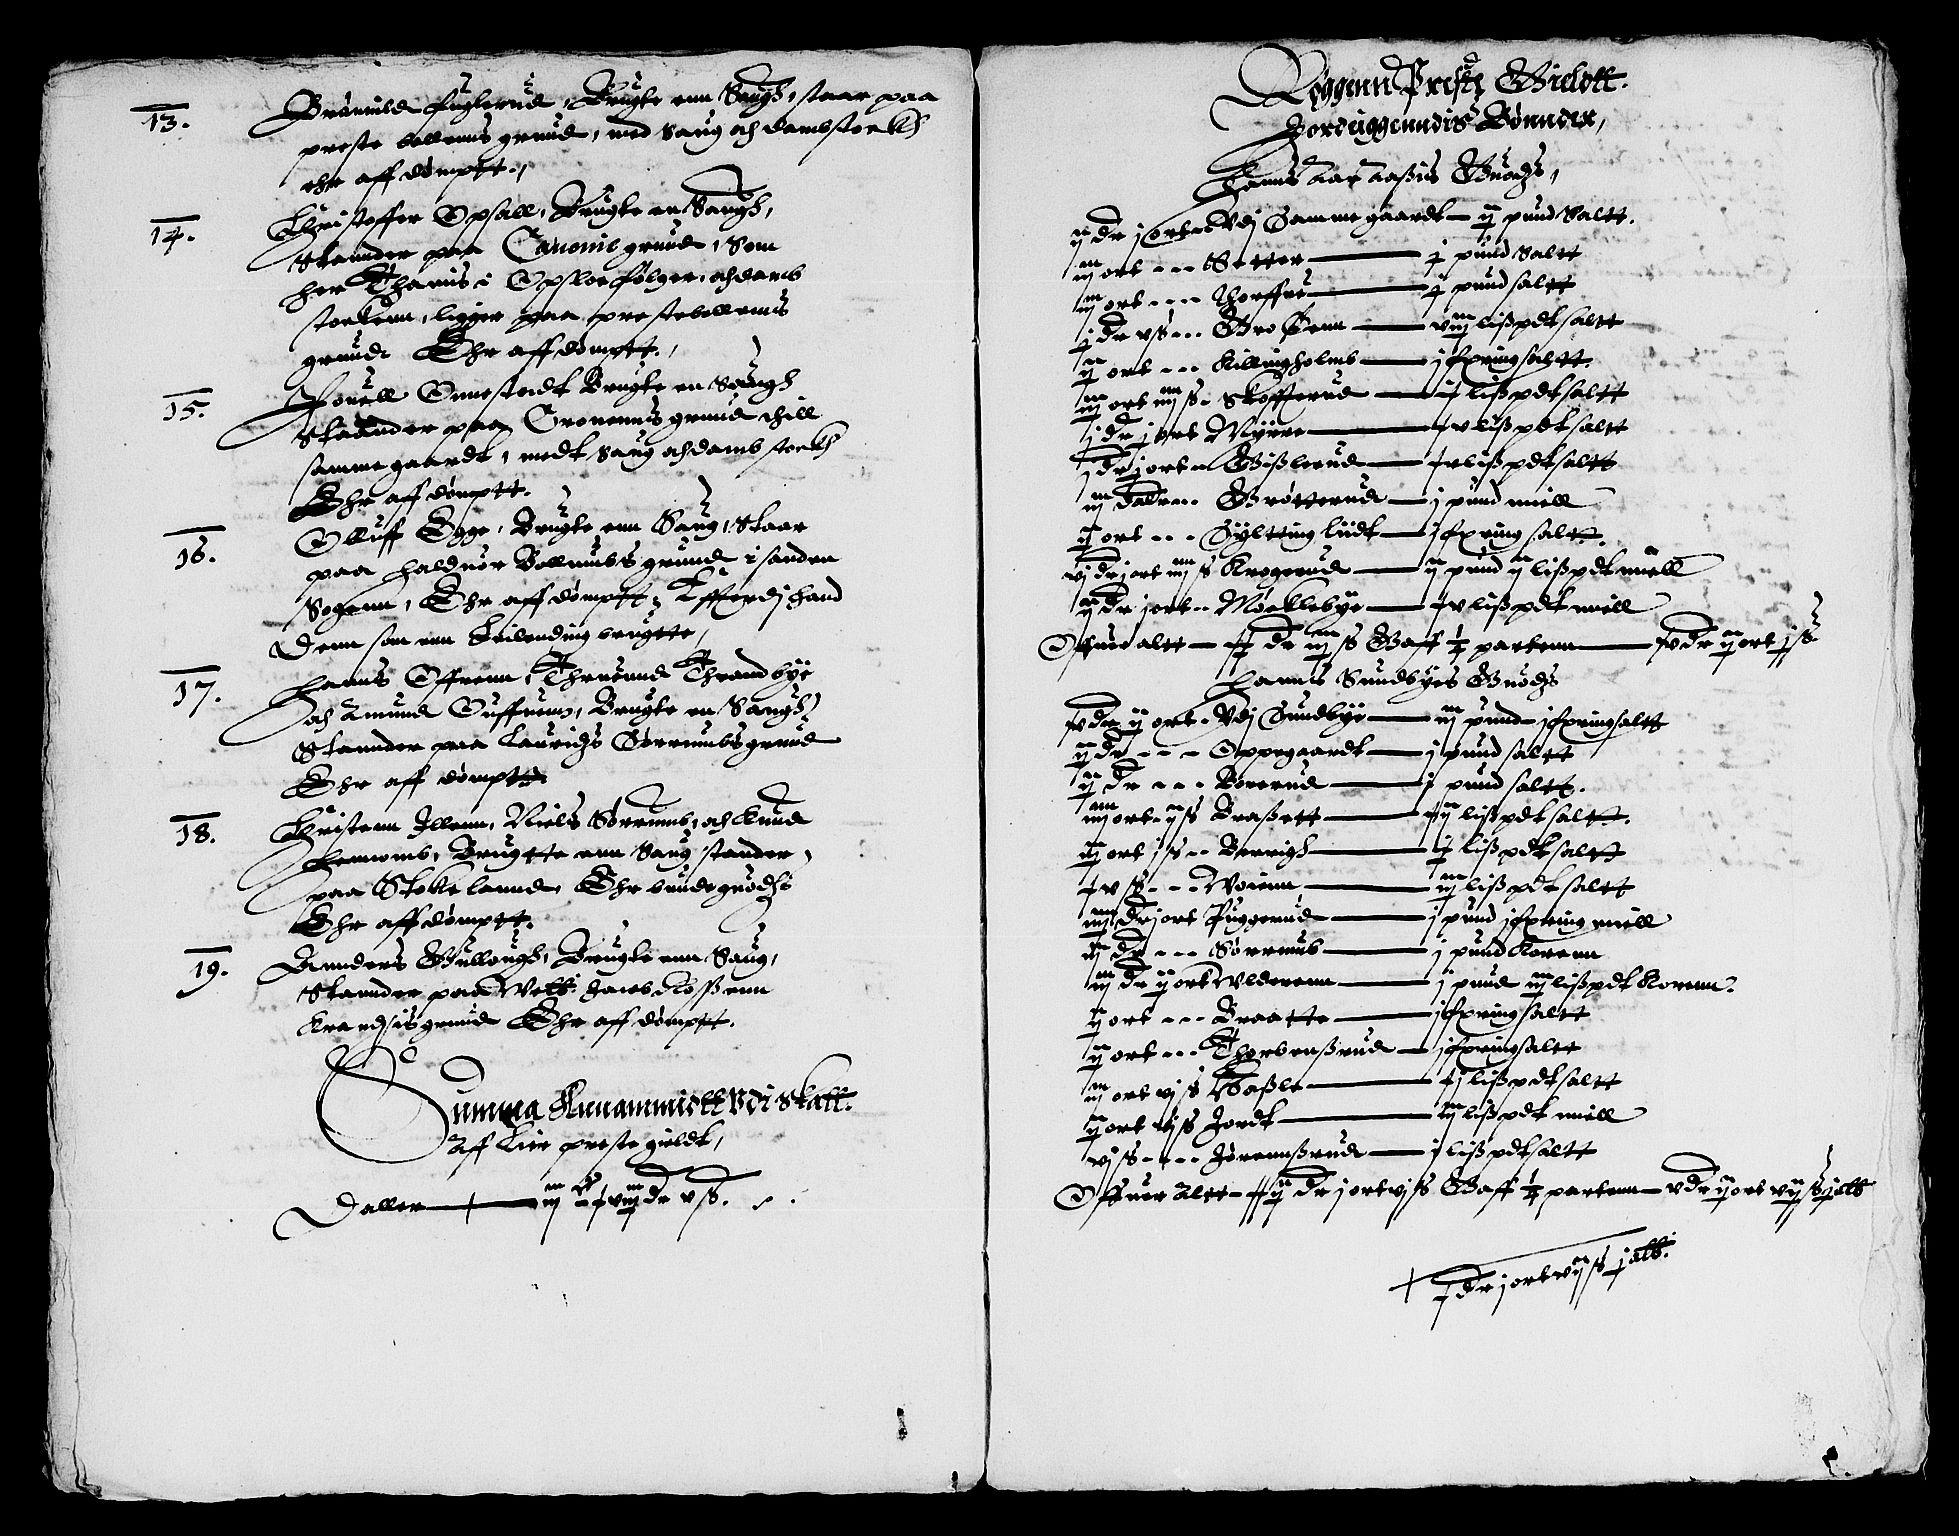 RA, Rentekammeret inntil 1814, Reviderte regnskaper, Lensregnskaper, R/Rb/Rba/L0048: Akershus len, 1618-1619